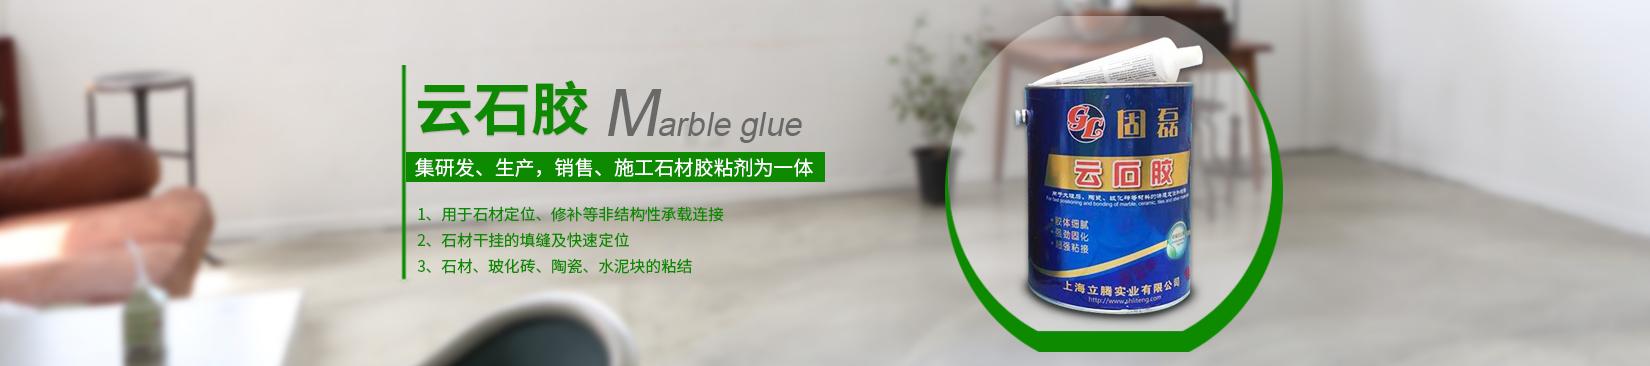 上海立腾实业有限公司